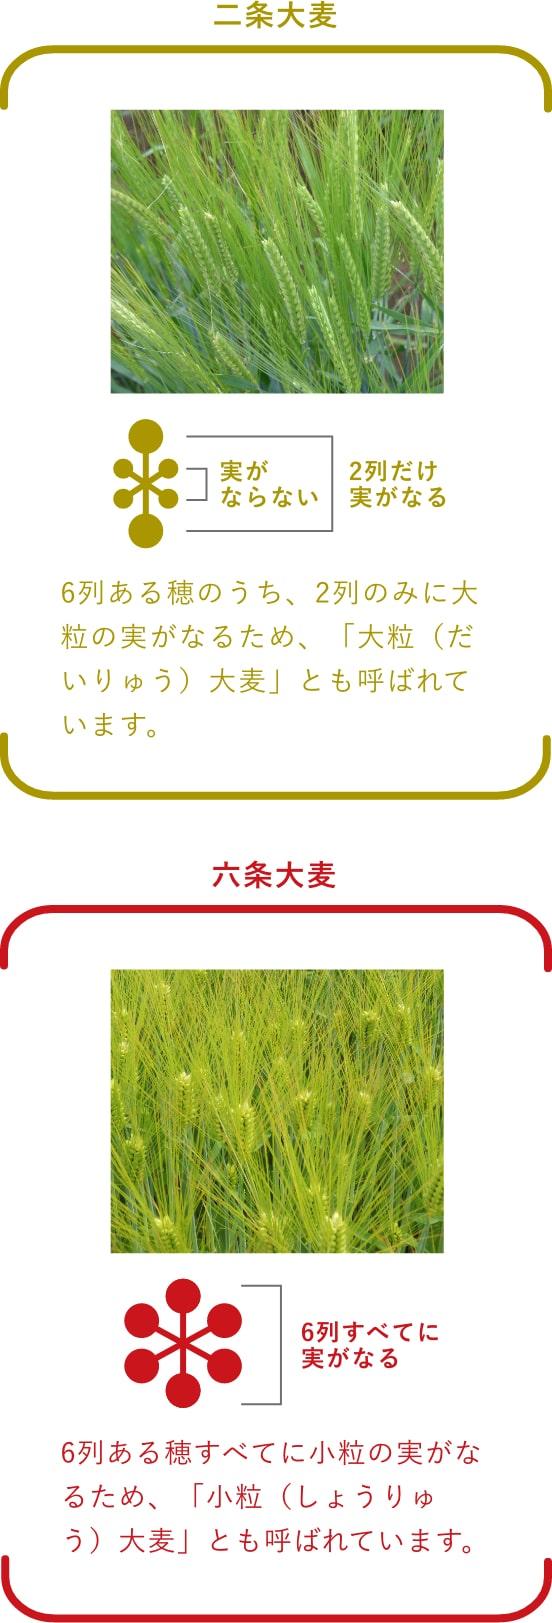 二条大麦と六条大麦の違い